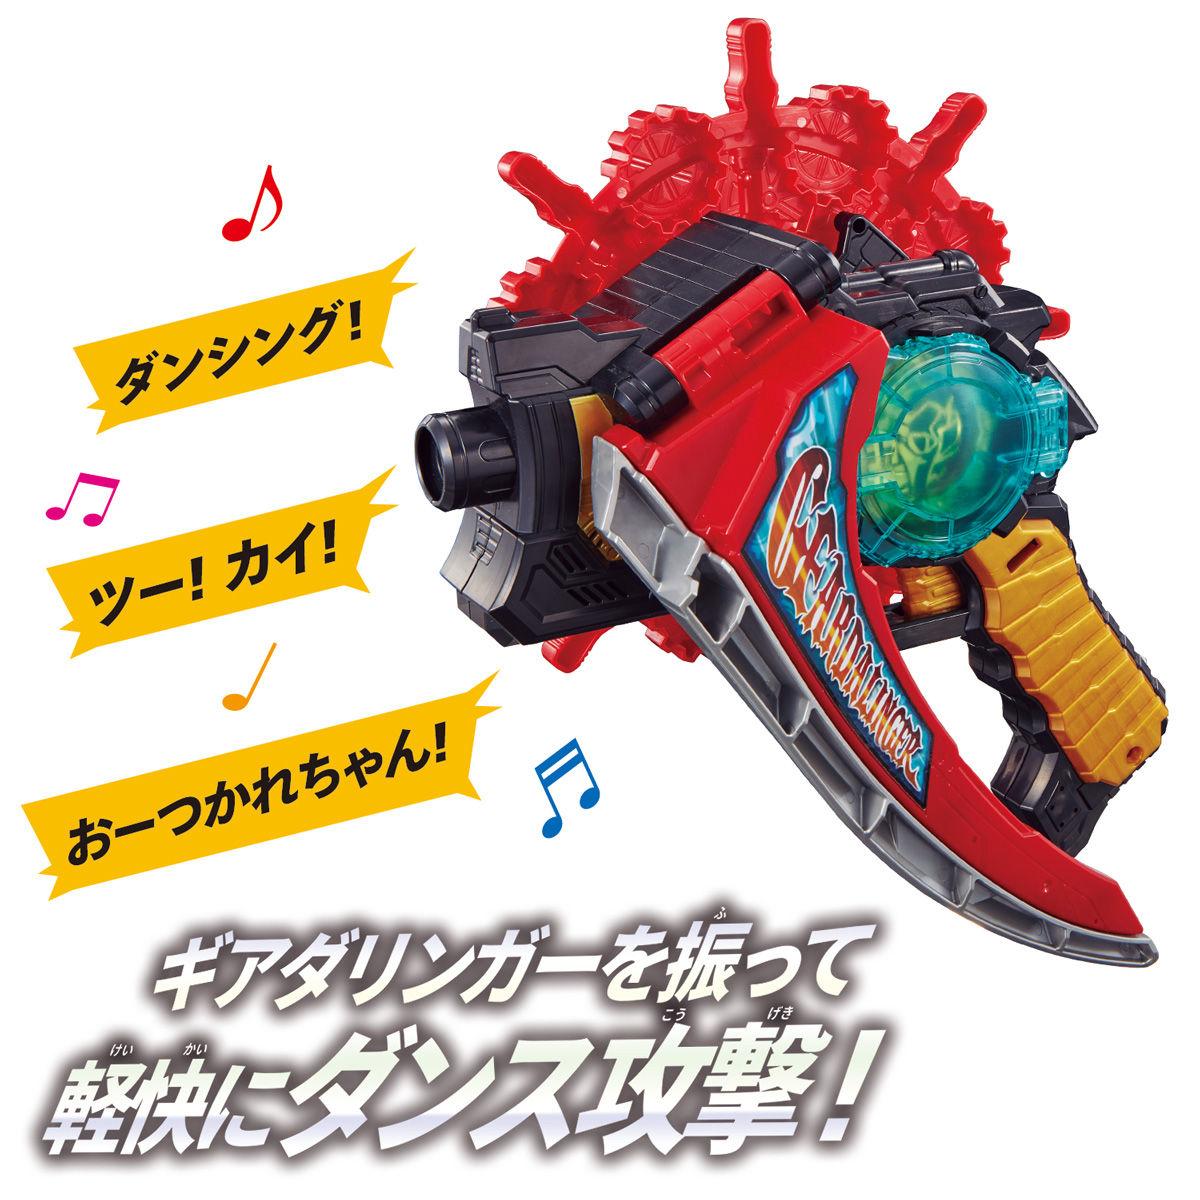 機界戦隊ゼンカイジャー『界賊変身 DXギアダリンガー』変身なりきり-005